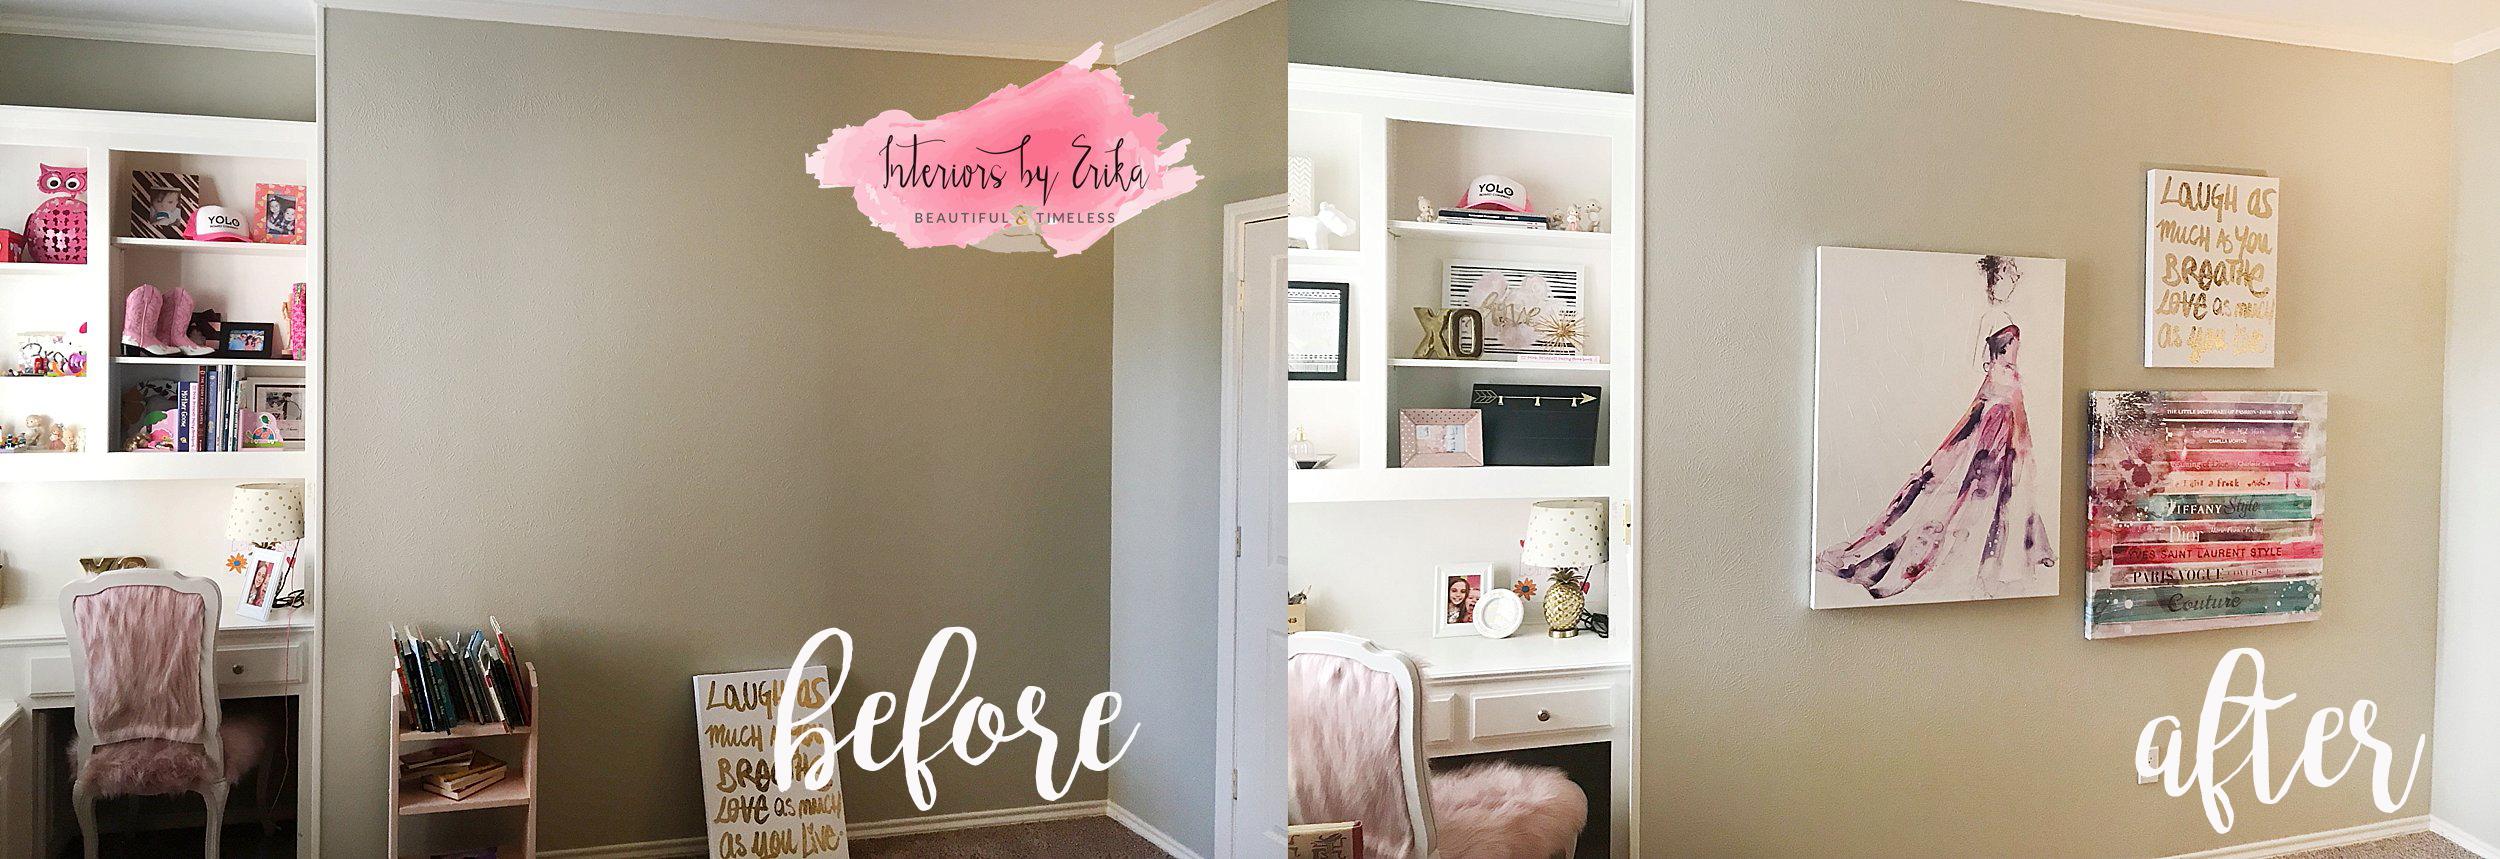 Teen Girl Room Decor_0007 beforeafter.jpg